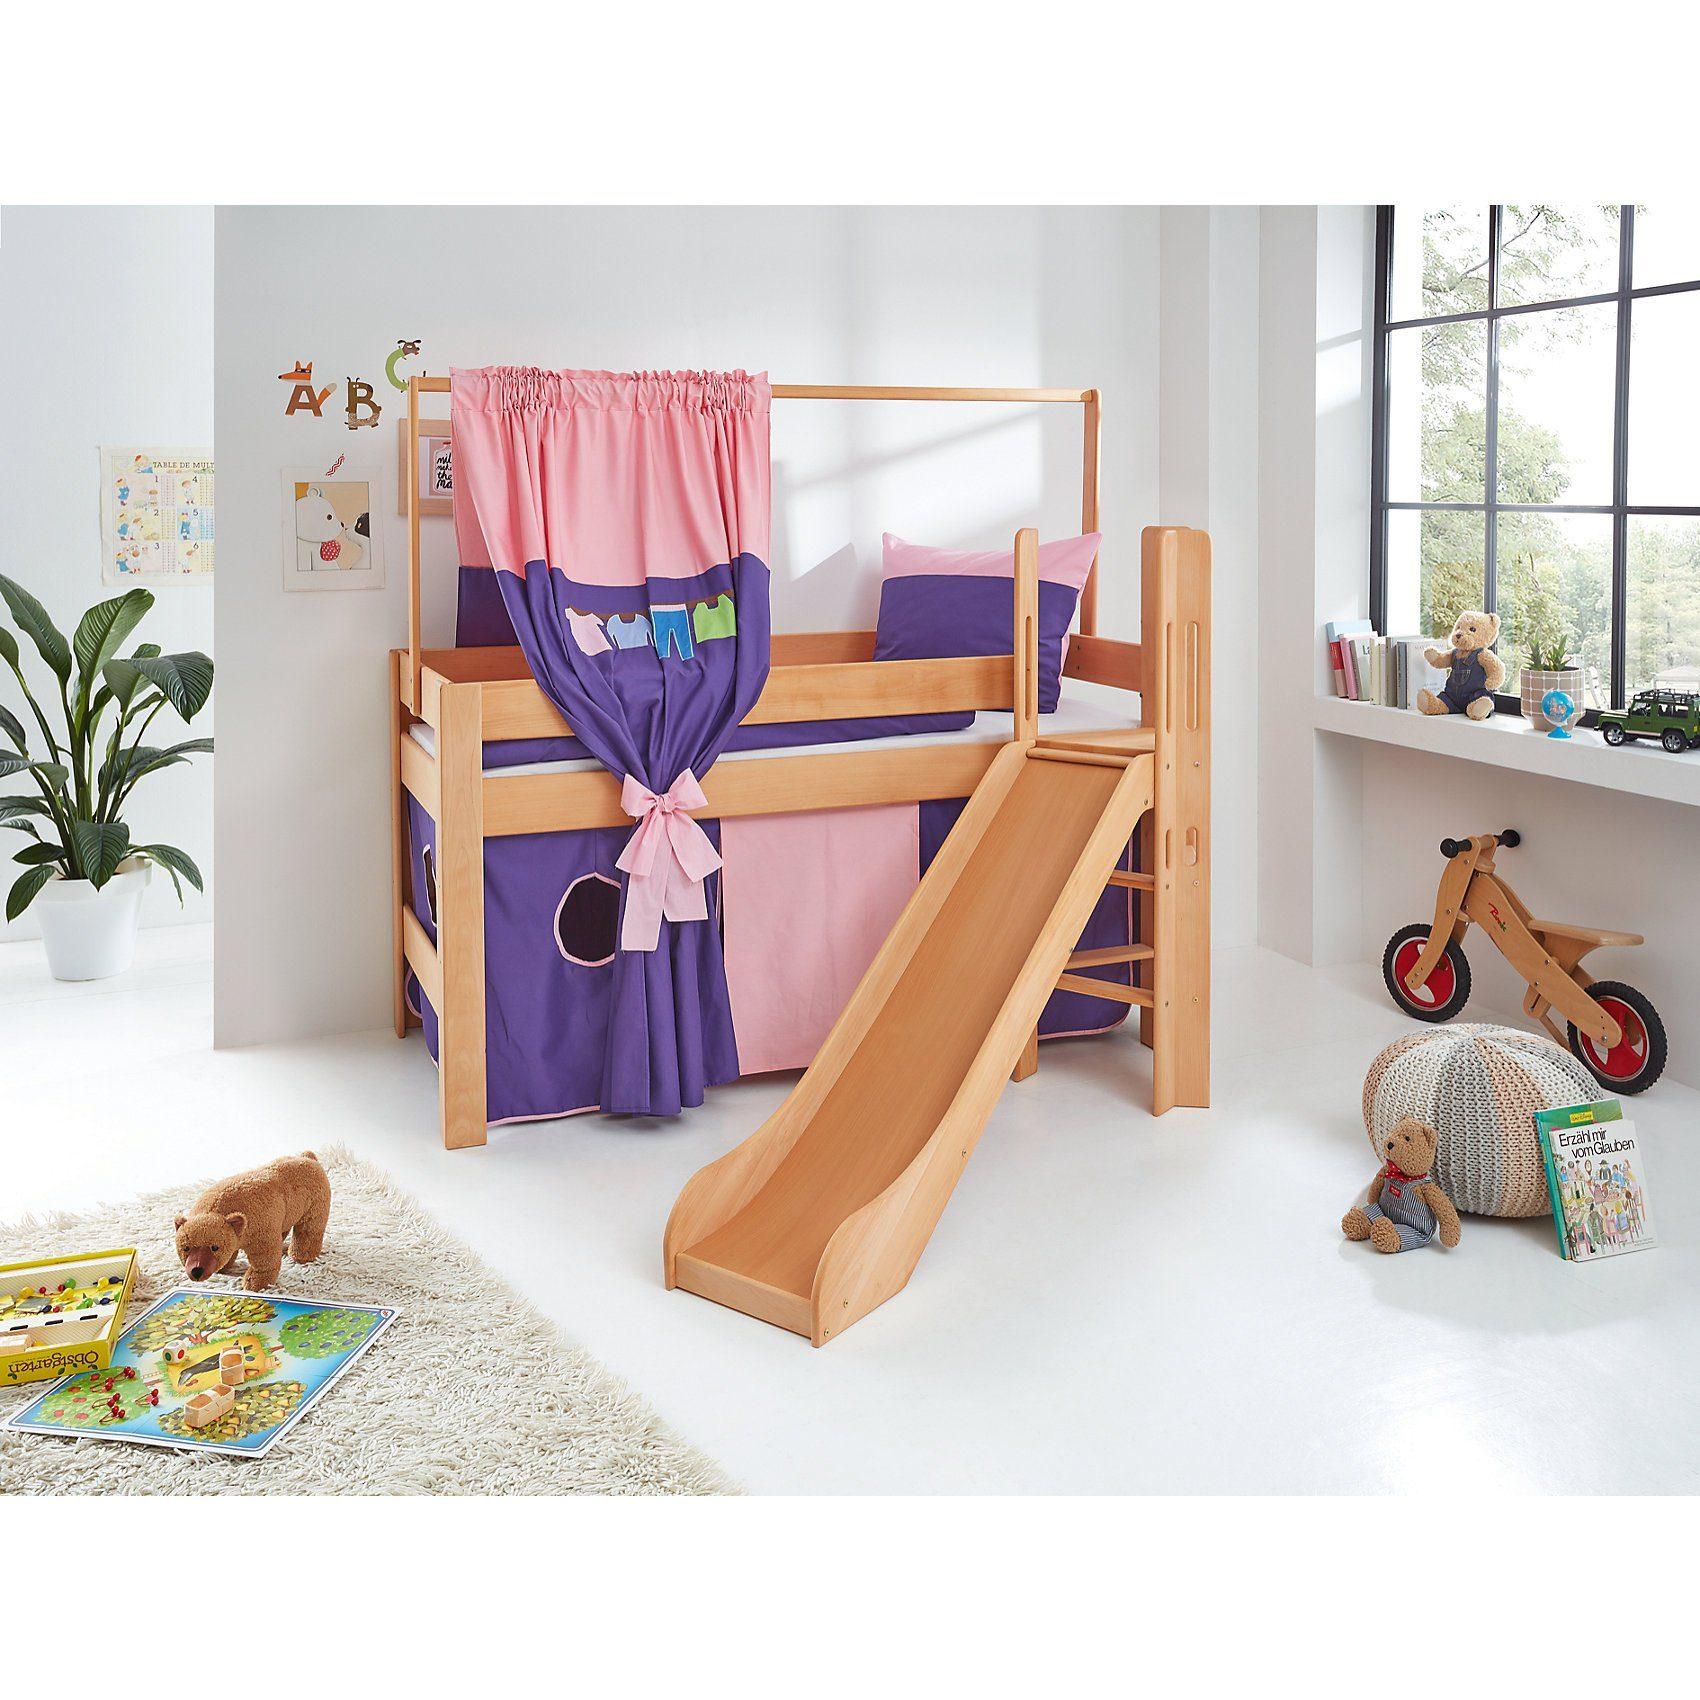 Relita Zeltstoffset für Spielbett LEO, Kleider, rosa/violett